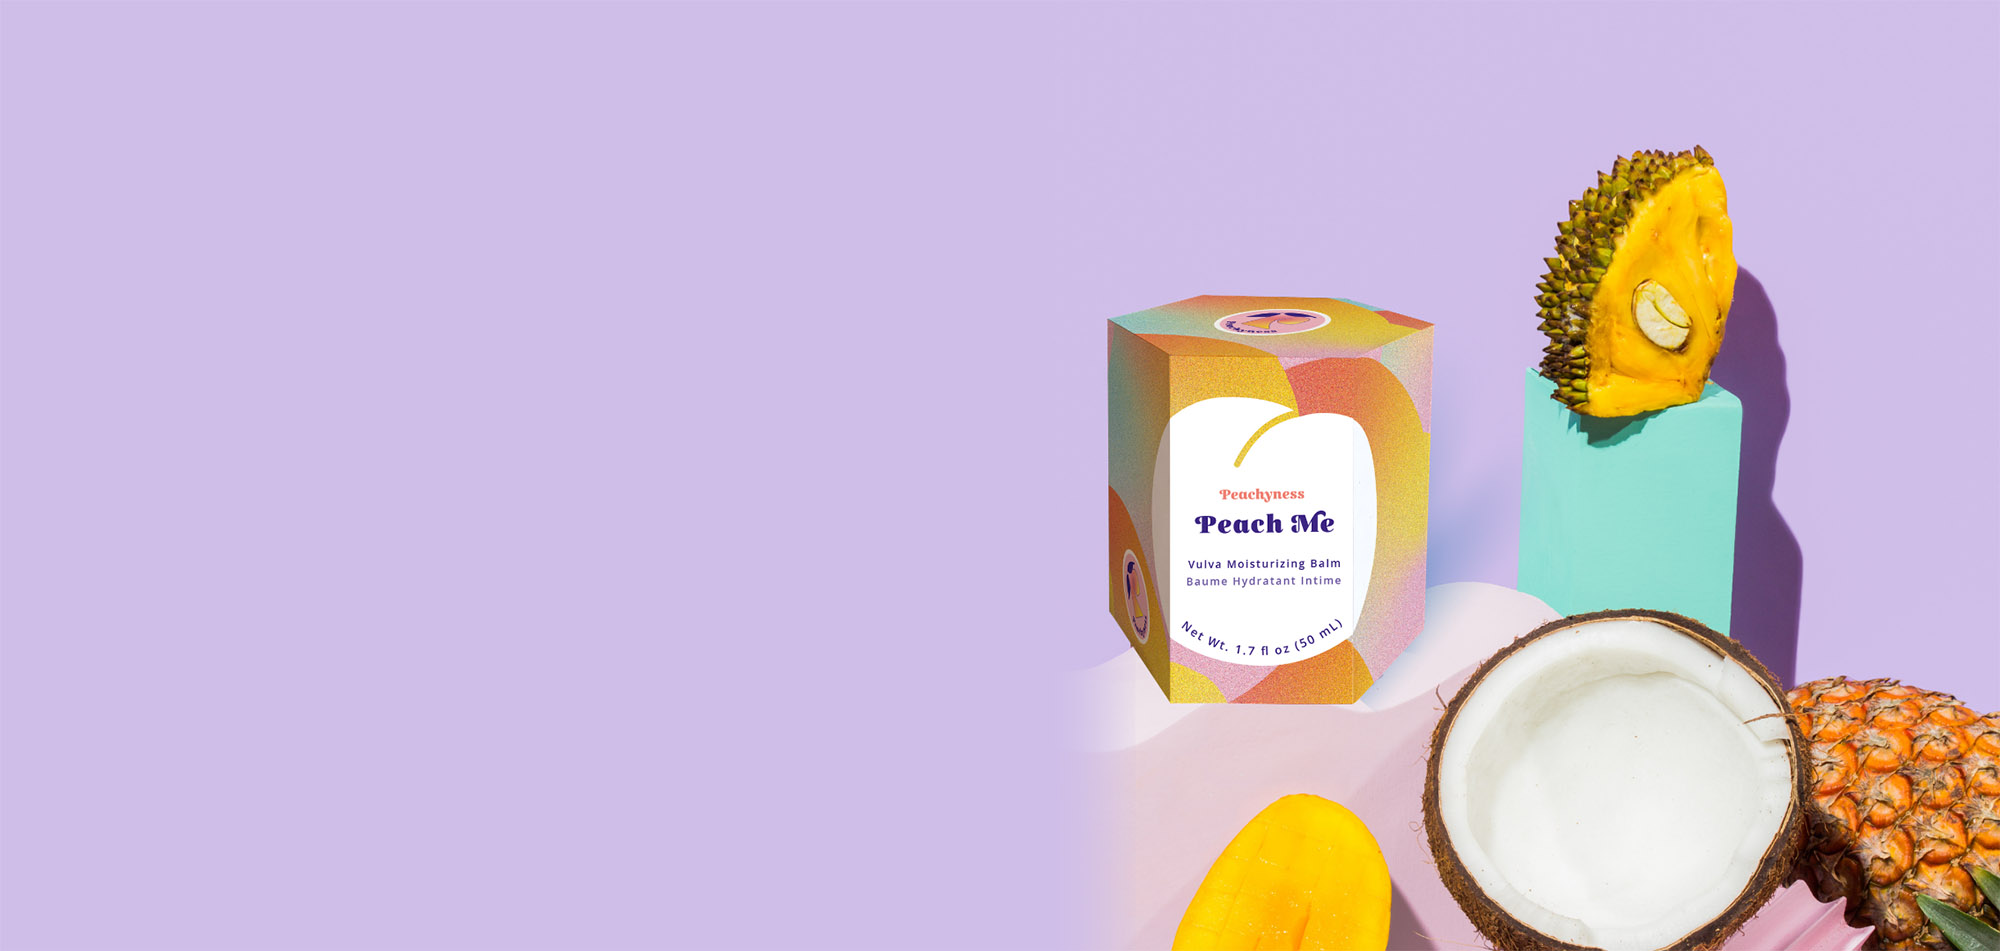 Peach me baume hydratant vulve sécheresse vaginale